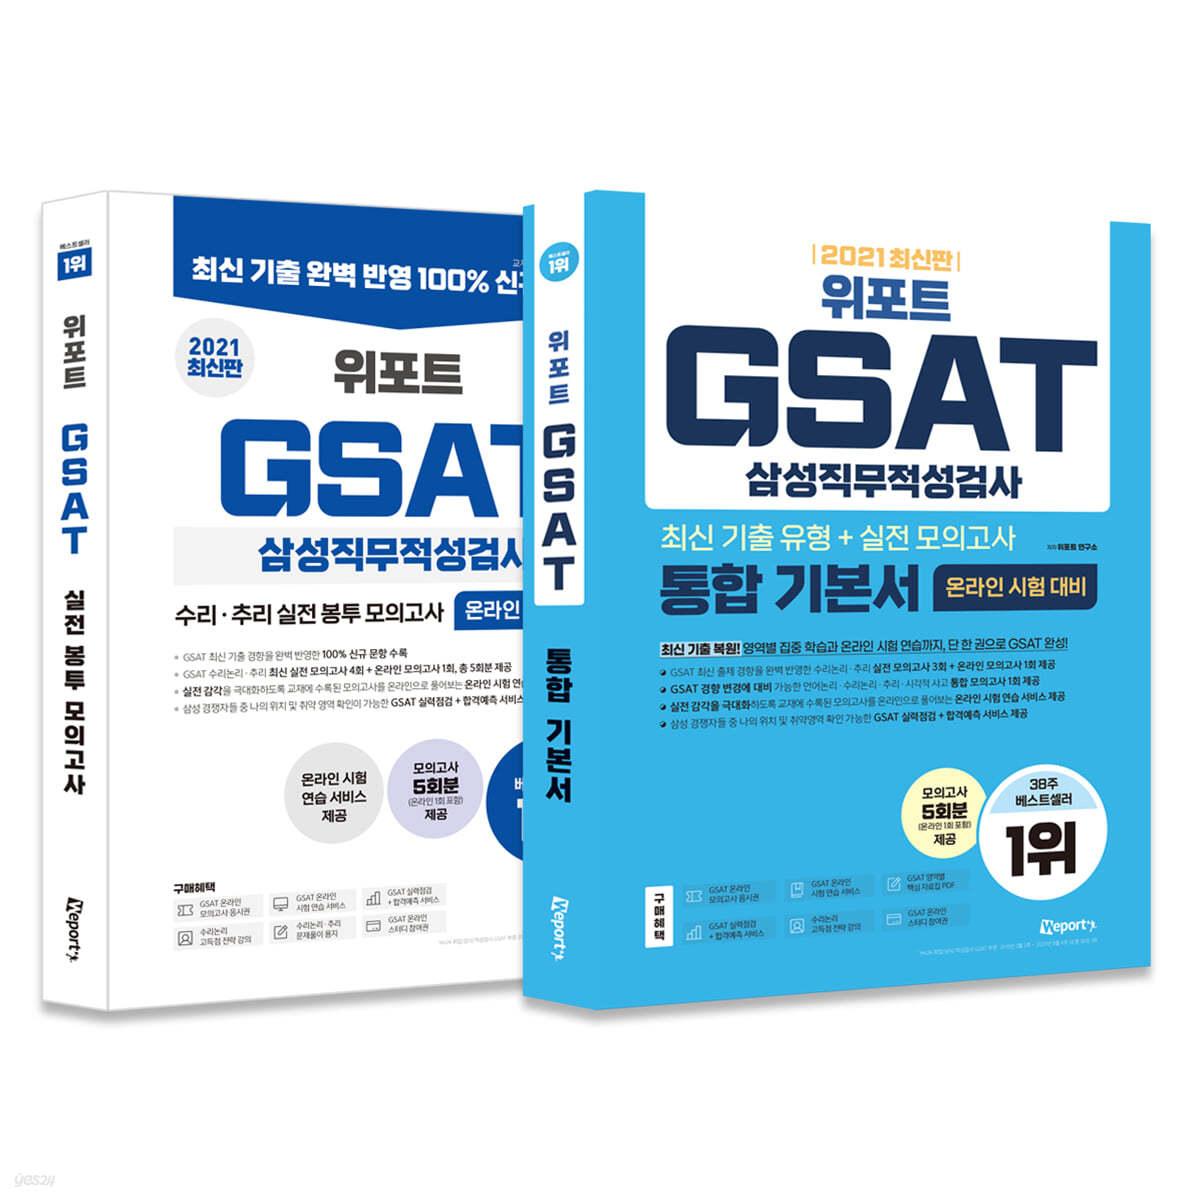 2021 최신판 위포트 GSAT 삼성직무적성검사 통합 기본서 + 실전 봉투 모의고사 세트